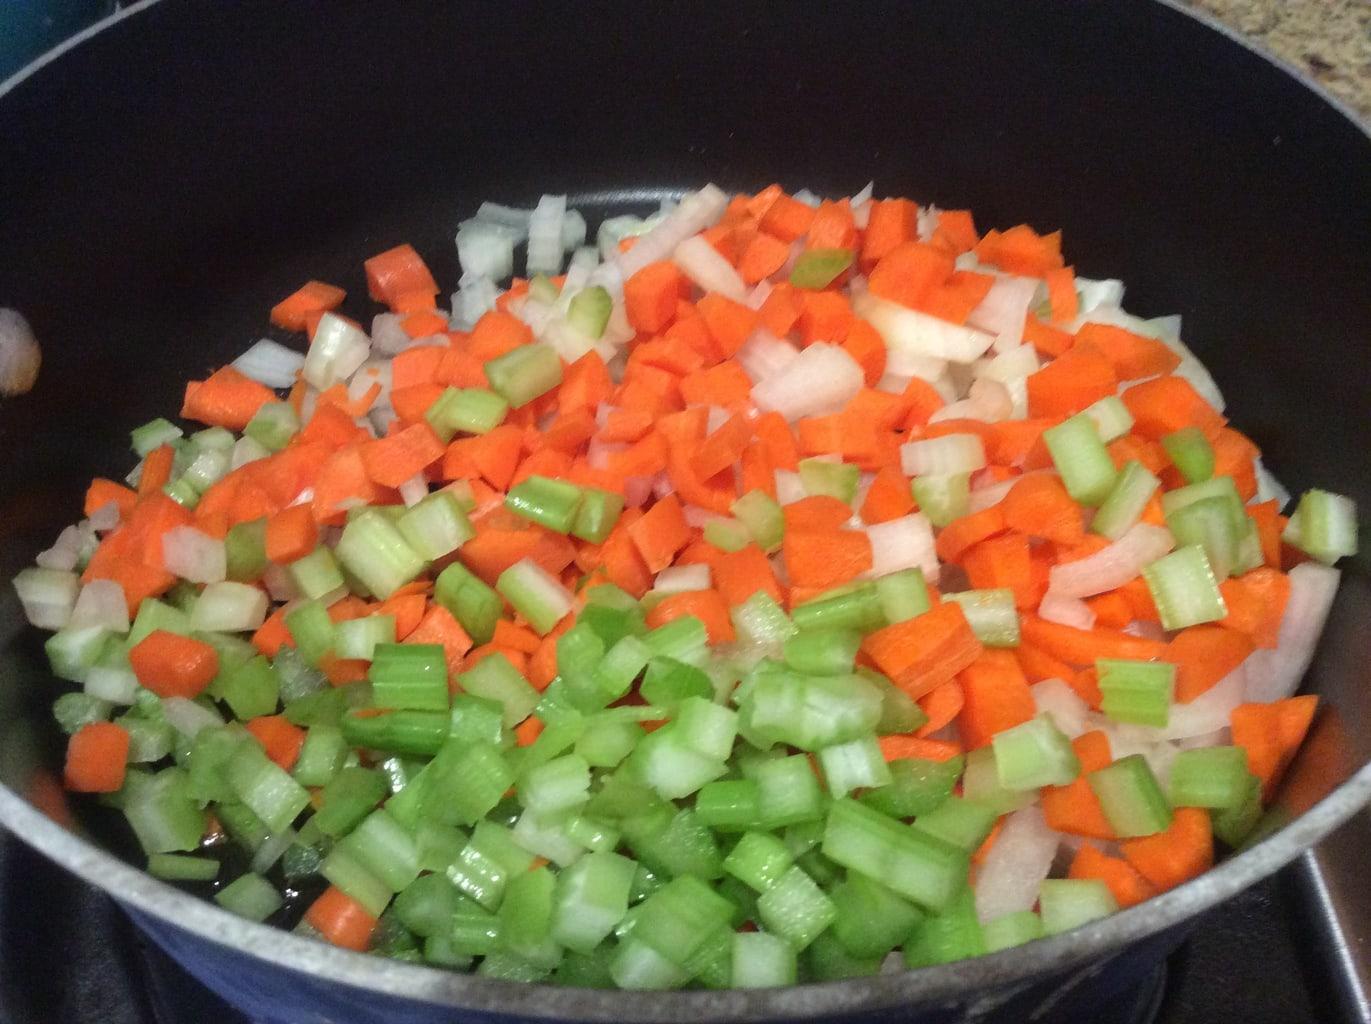 30 Minute Meal: Sloppy Joes